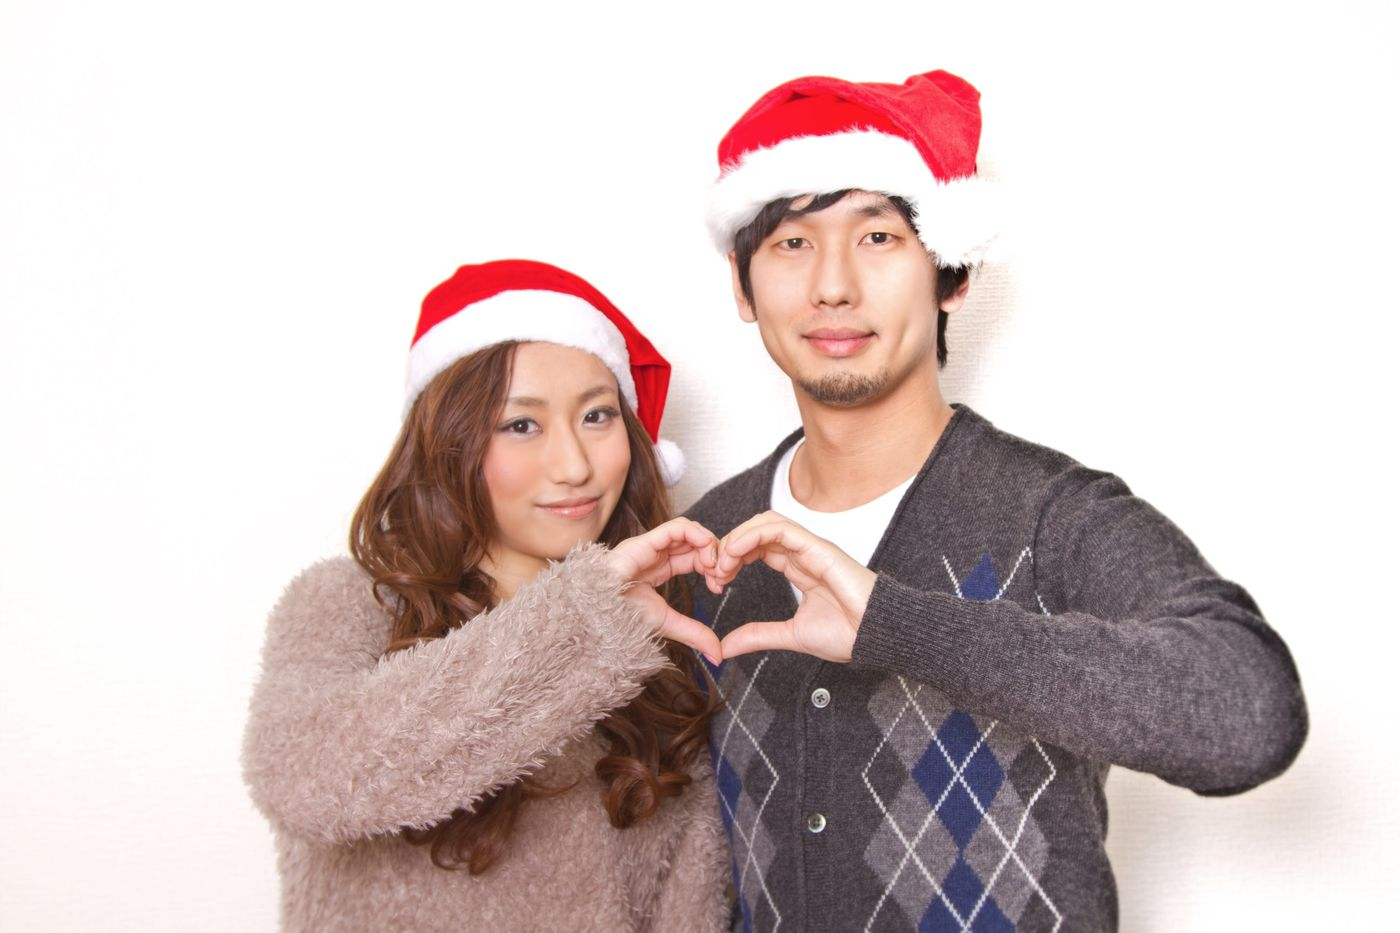 クリスマスに指でハートの形を作る恋人の写真